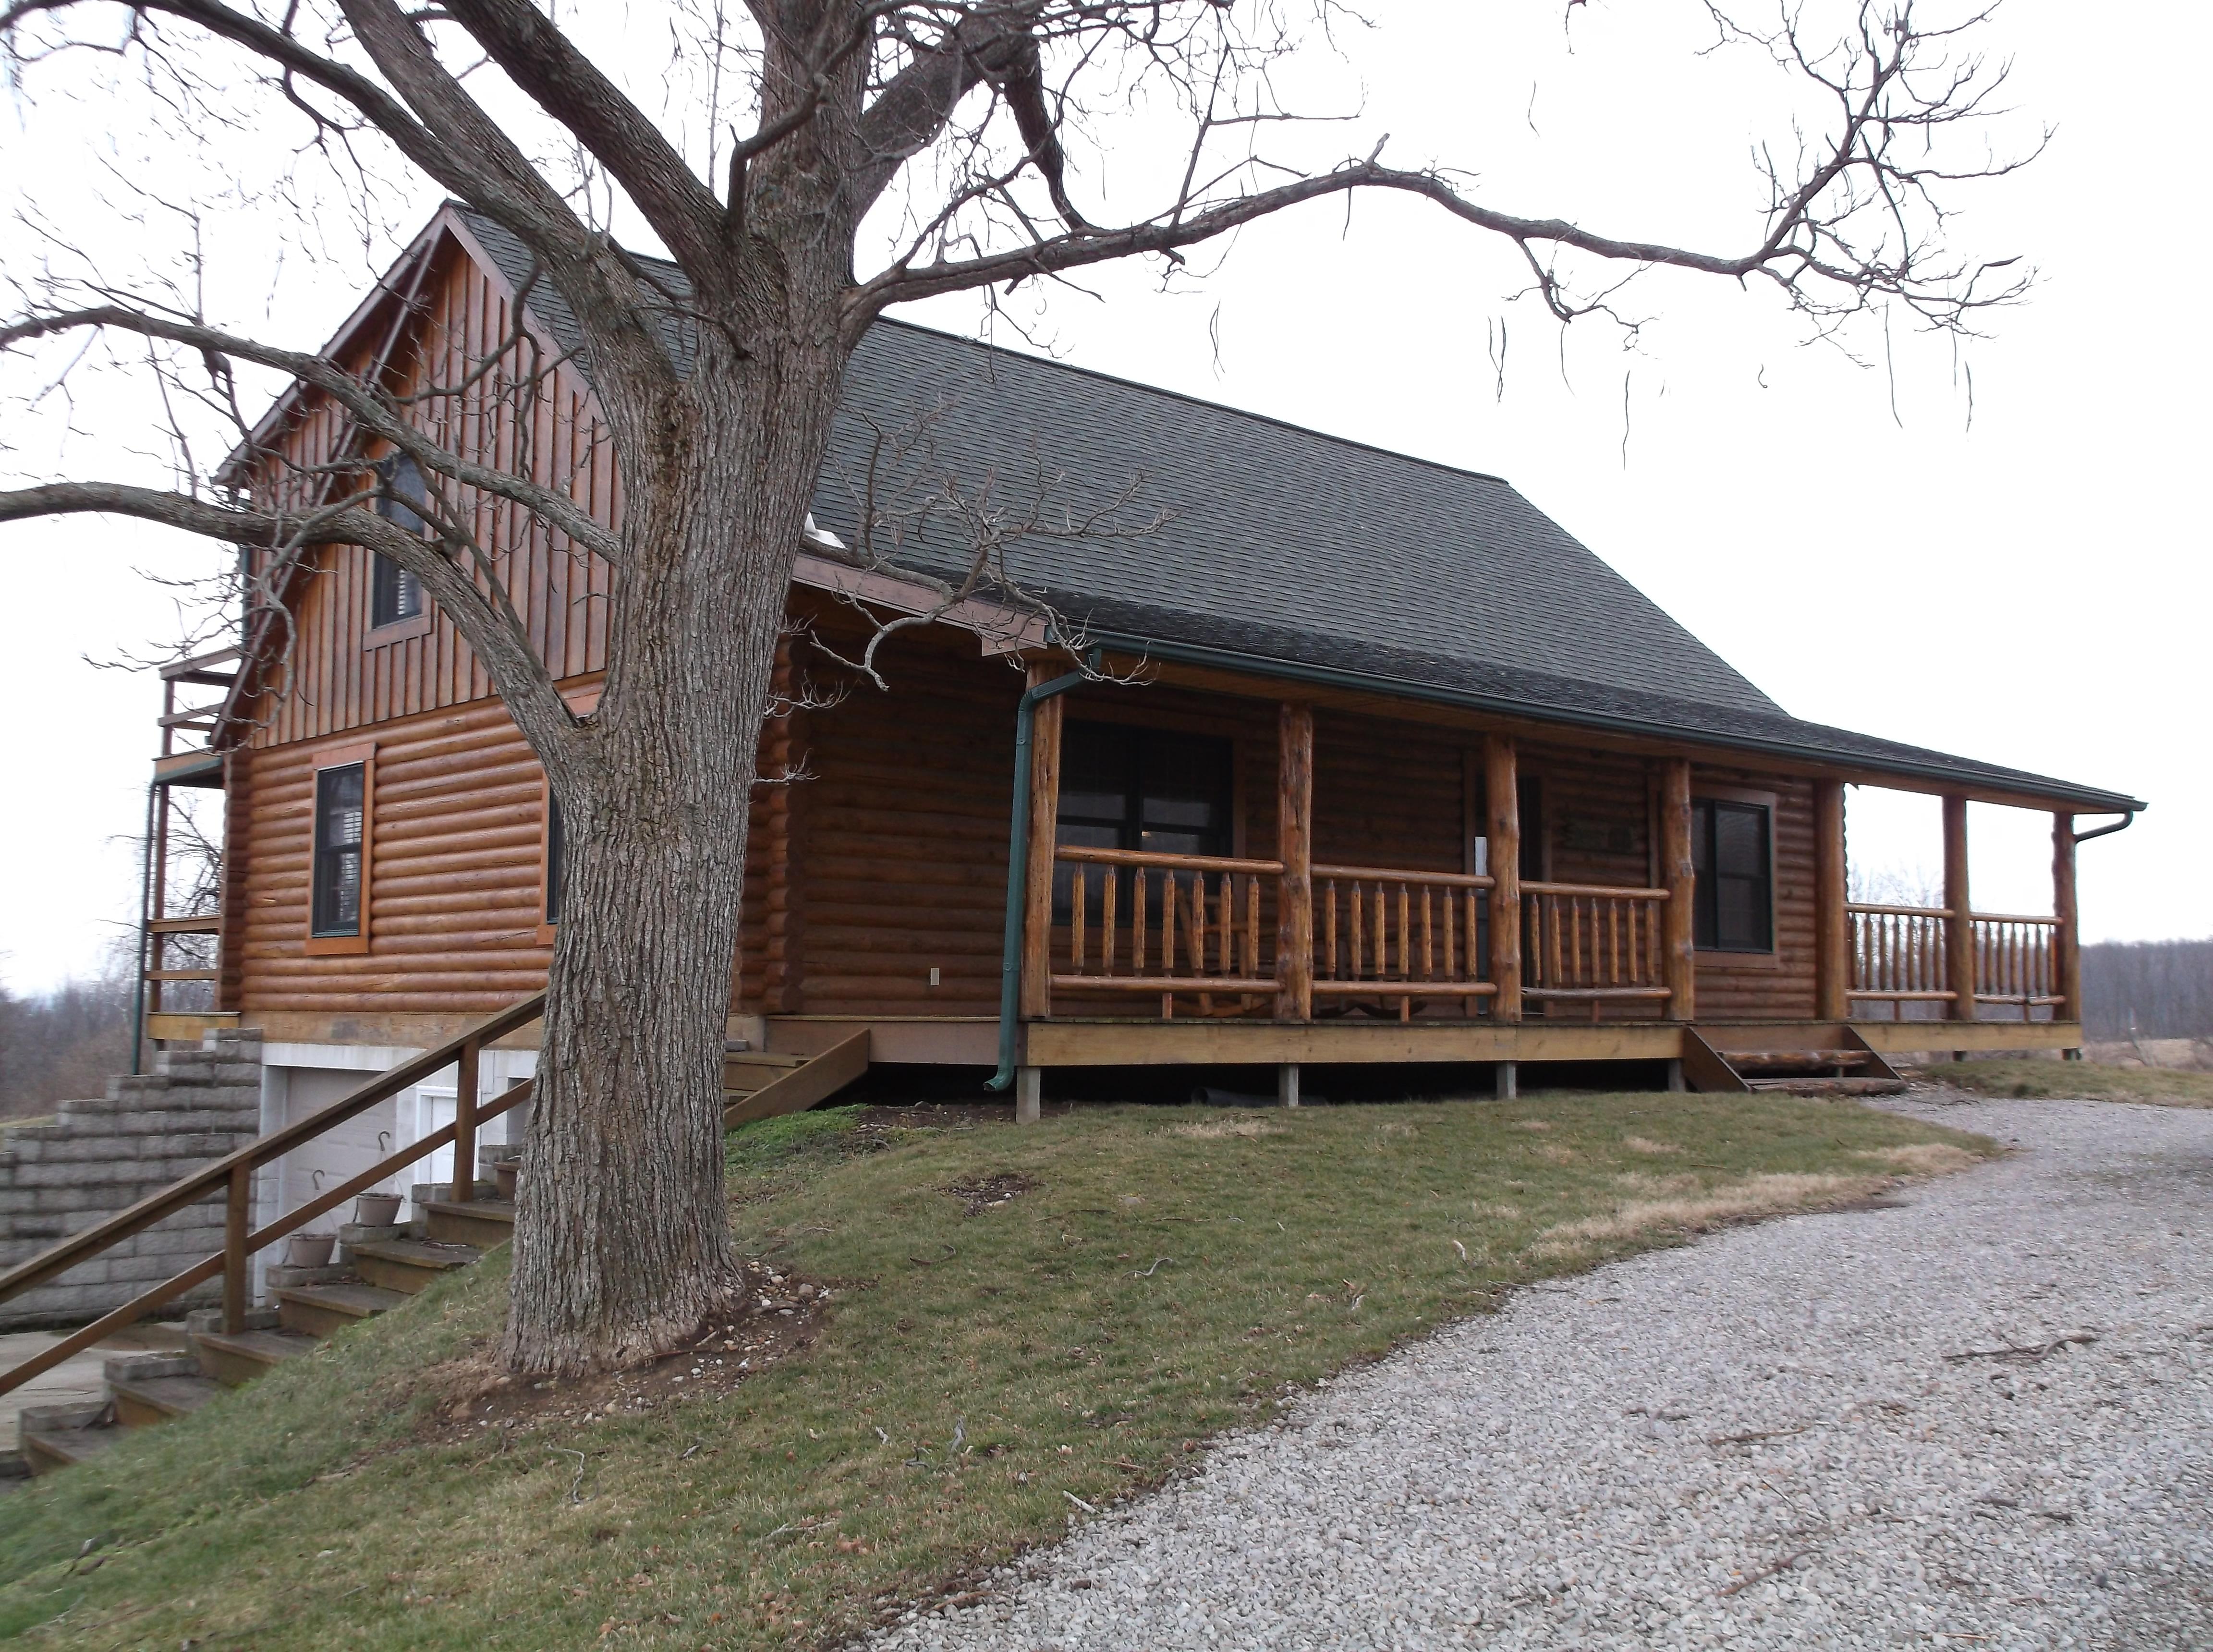 170 Quail Rd., Chillicothe, Ohio 45601